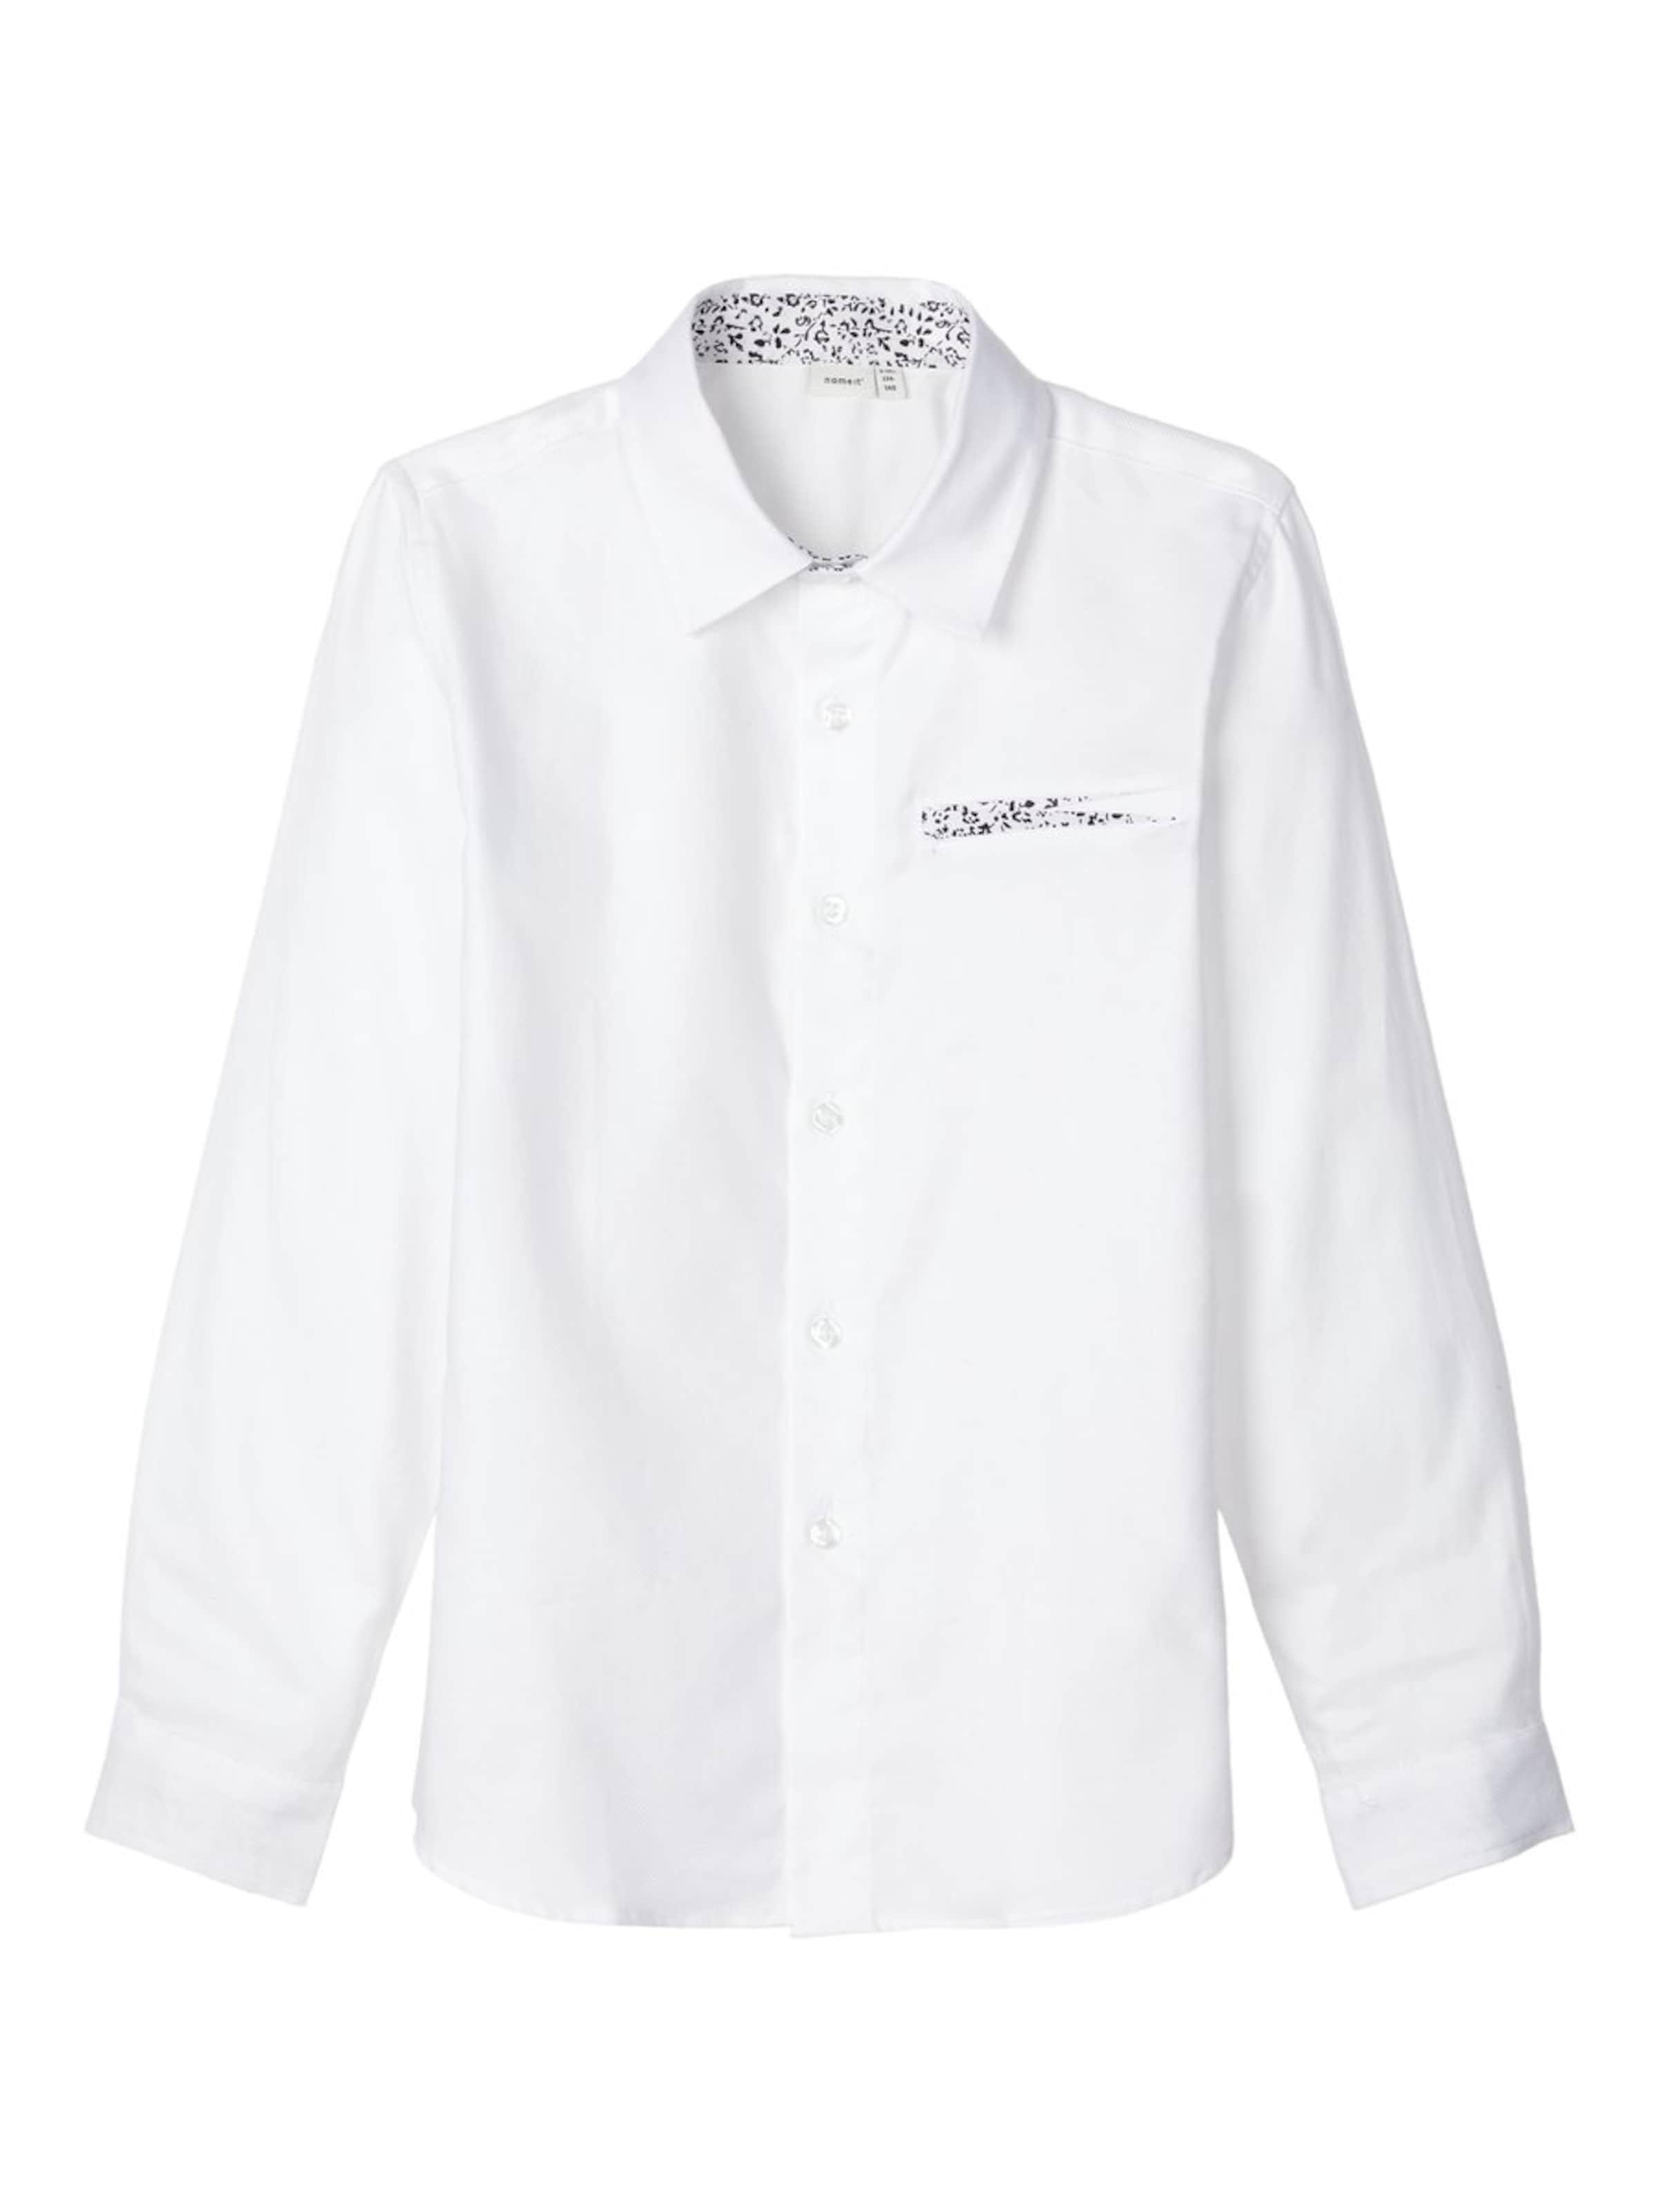 Jungen,  Kinder,  Kinder NAME IT Hemd schwarz,  weiß, weiß | 05714503584688